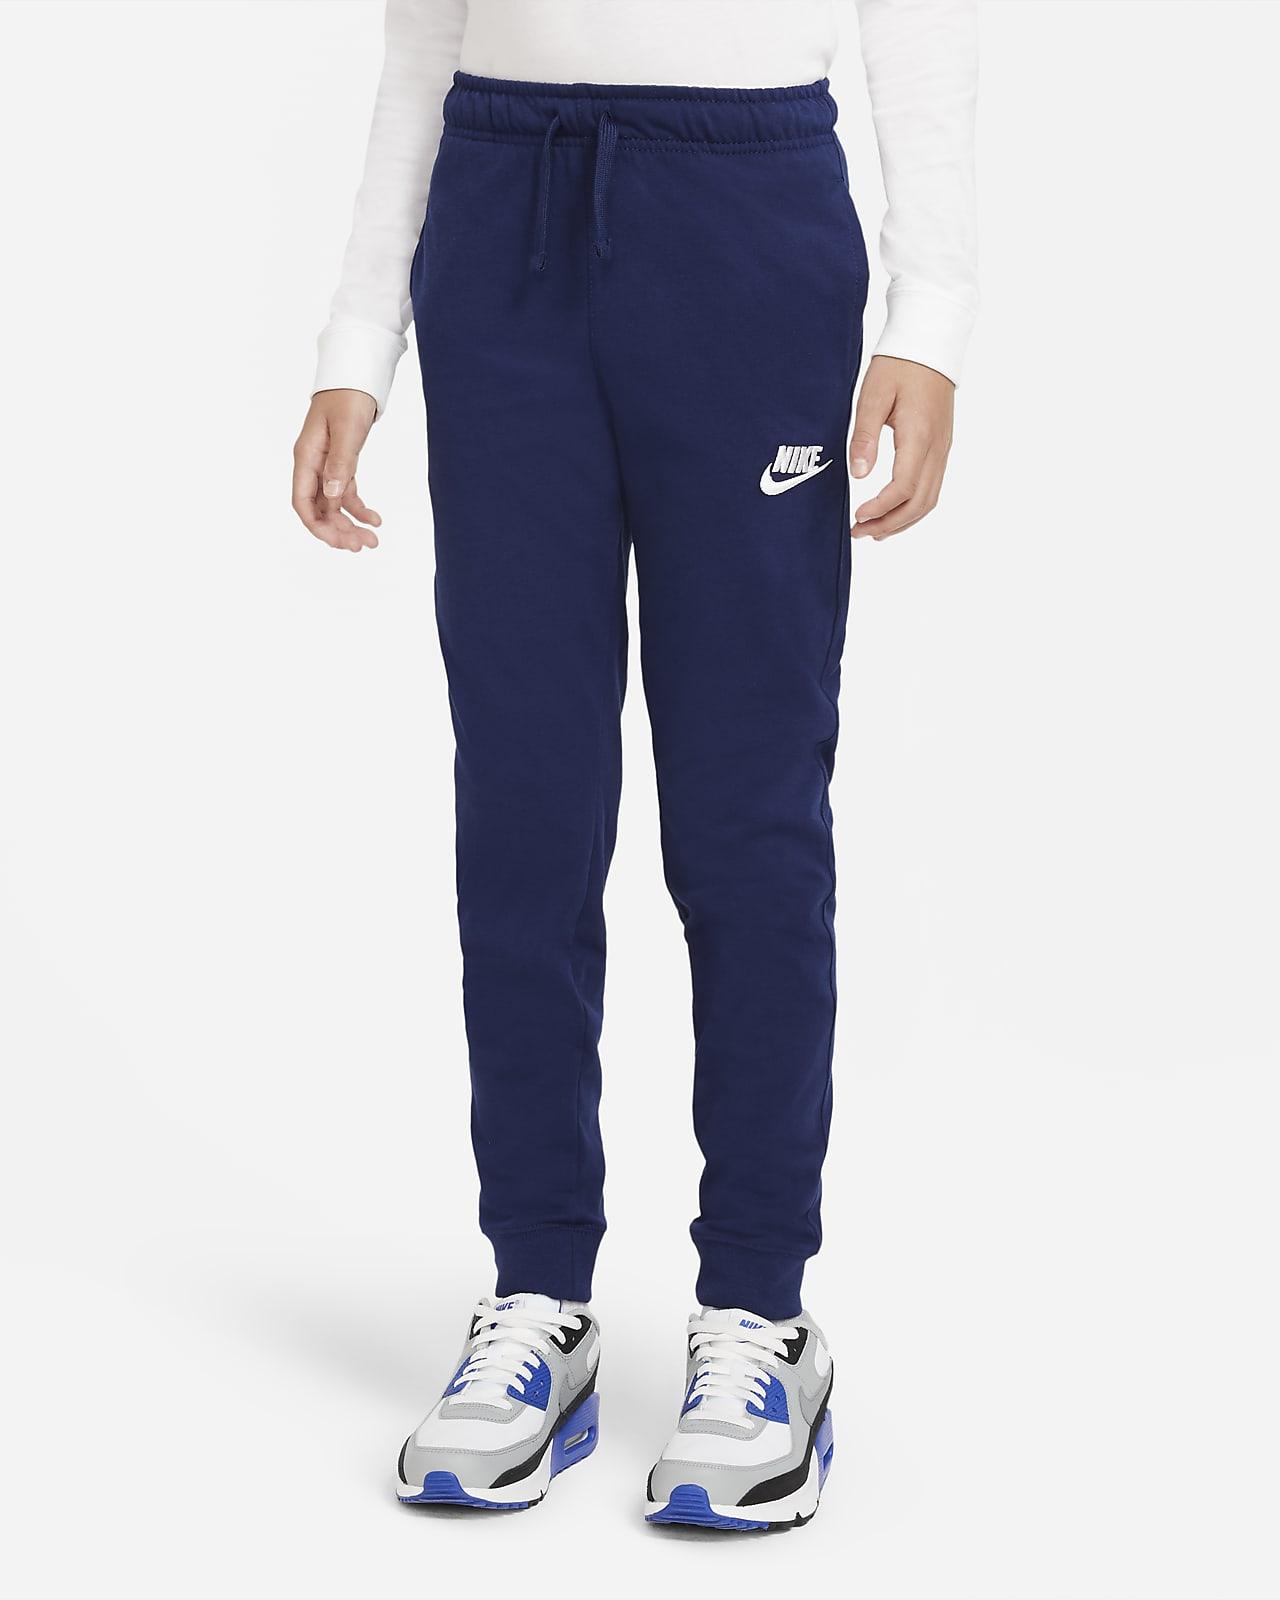 Nike Sportswear Older Kids' (Boys